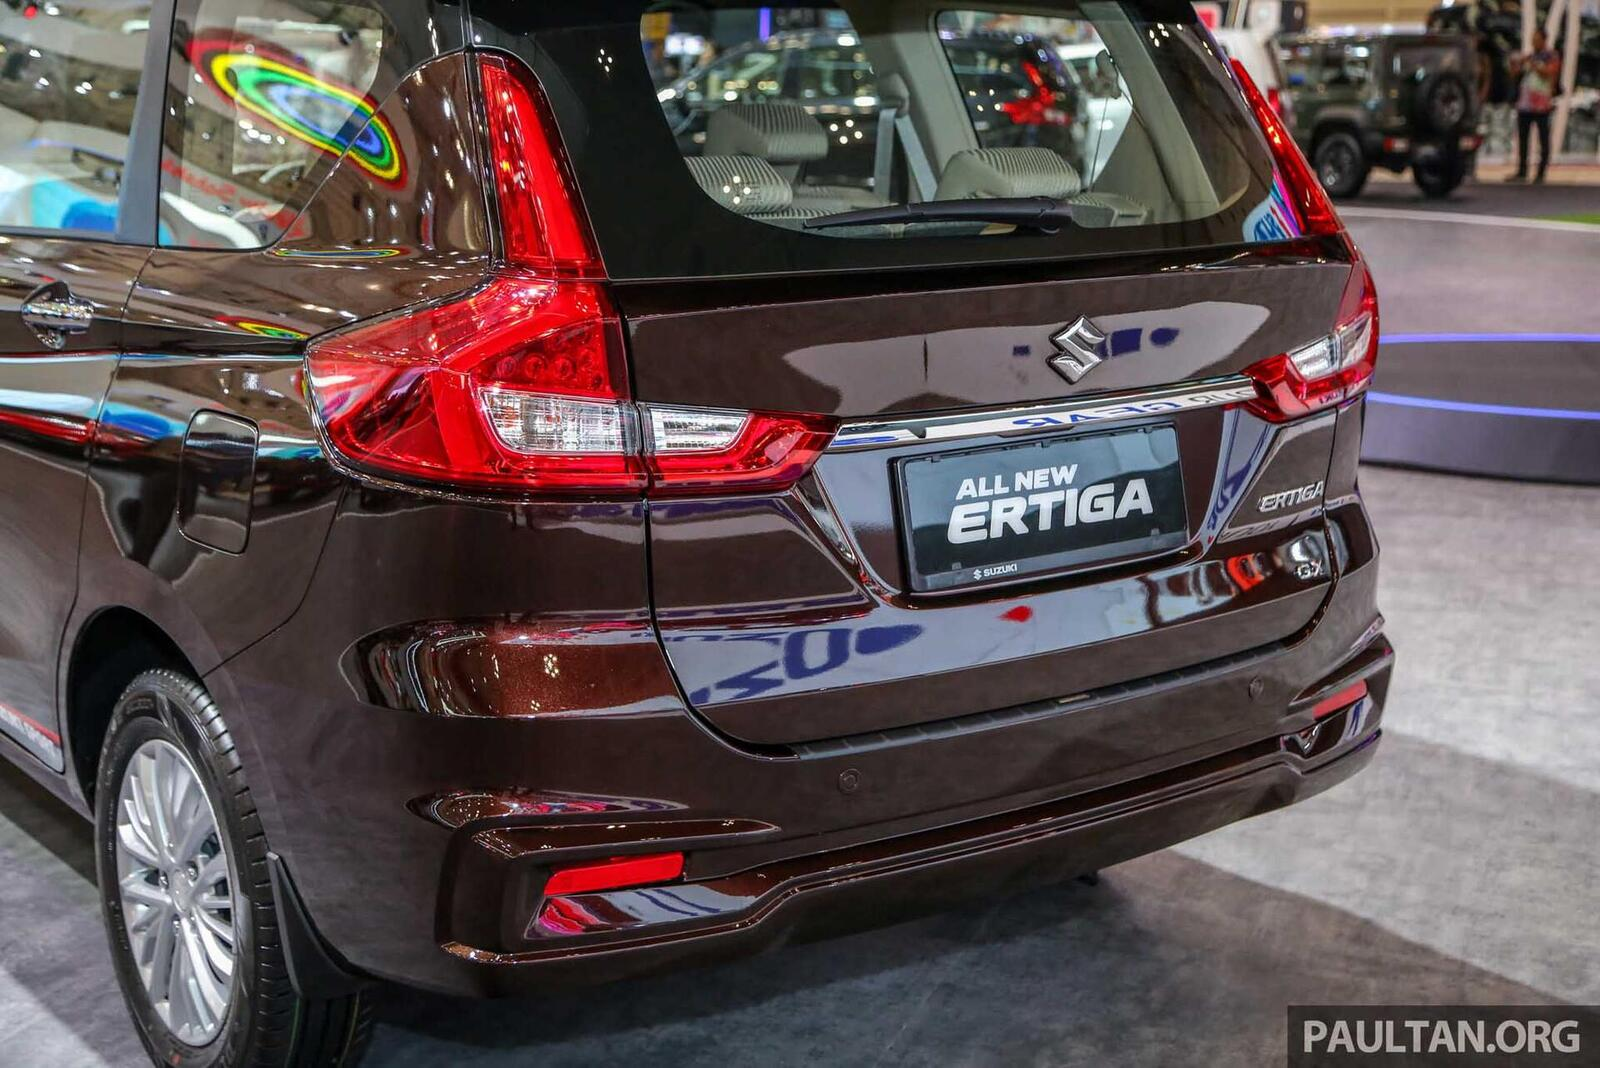 Suzuki Ertiga thế hệ mới có giá từ 486 triệu đồng tại Thái Lan; chưa hẹn ngày về Việt Nam - Hình 19